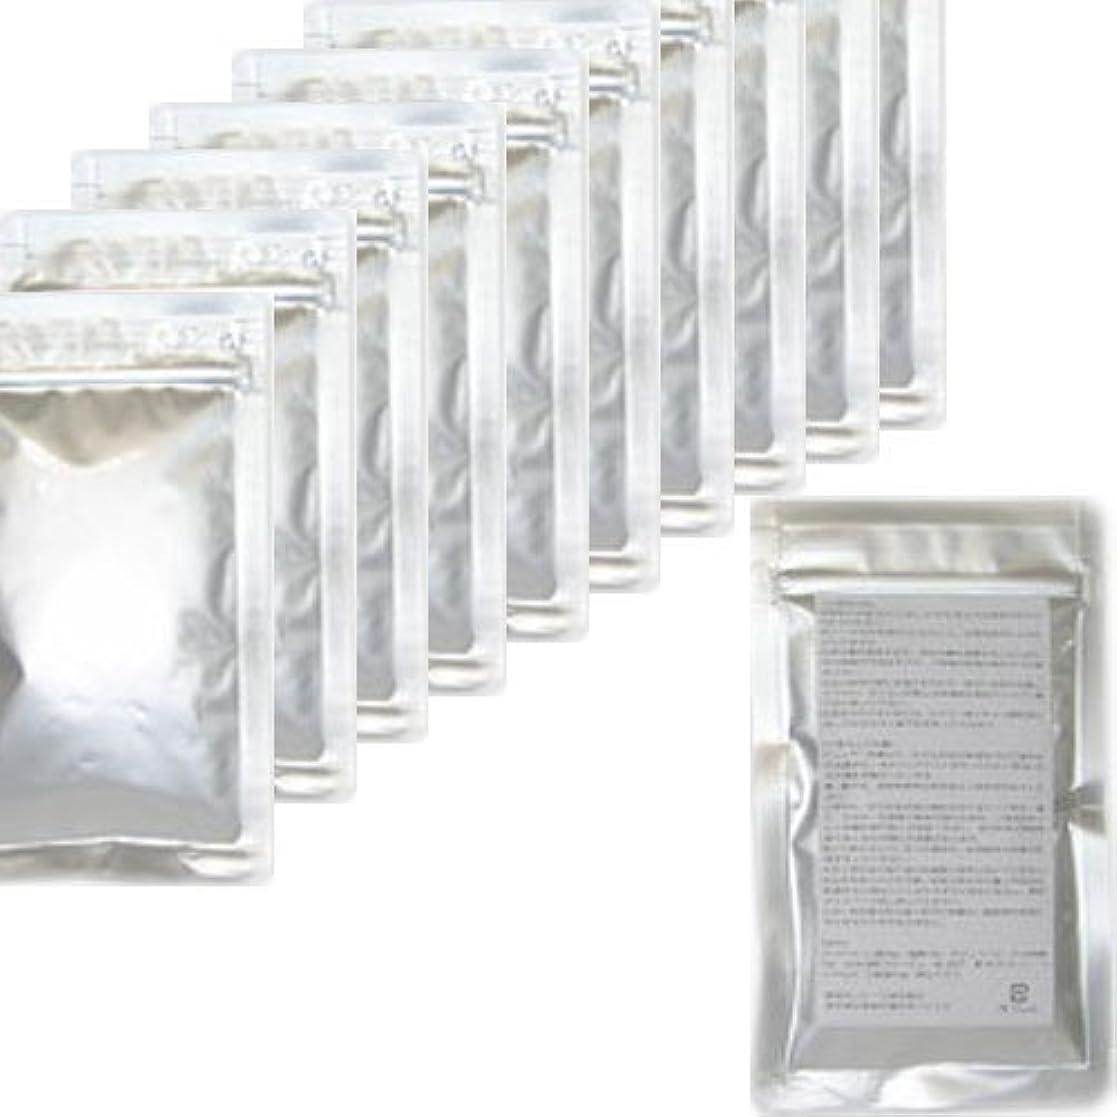 差別的アナニバー参加する業者様用 ローションバス とろとろ入浴剤「お風呂でねっとり」 業務用50g(50個セット) (無香料(ピンク))